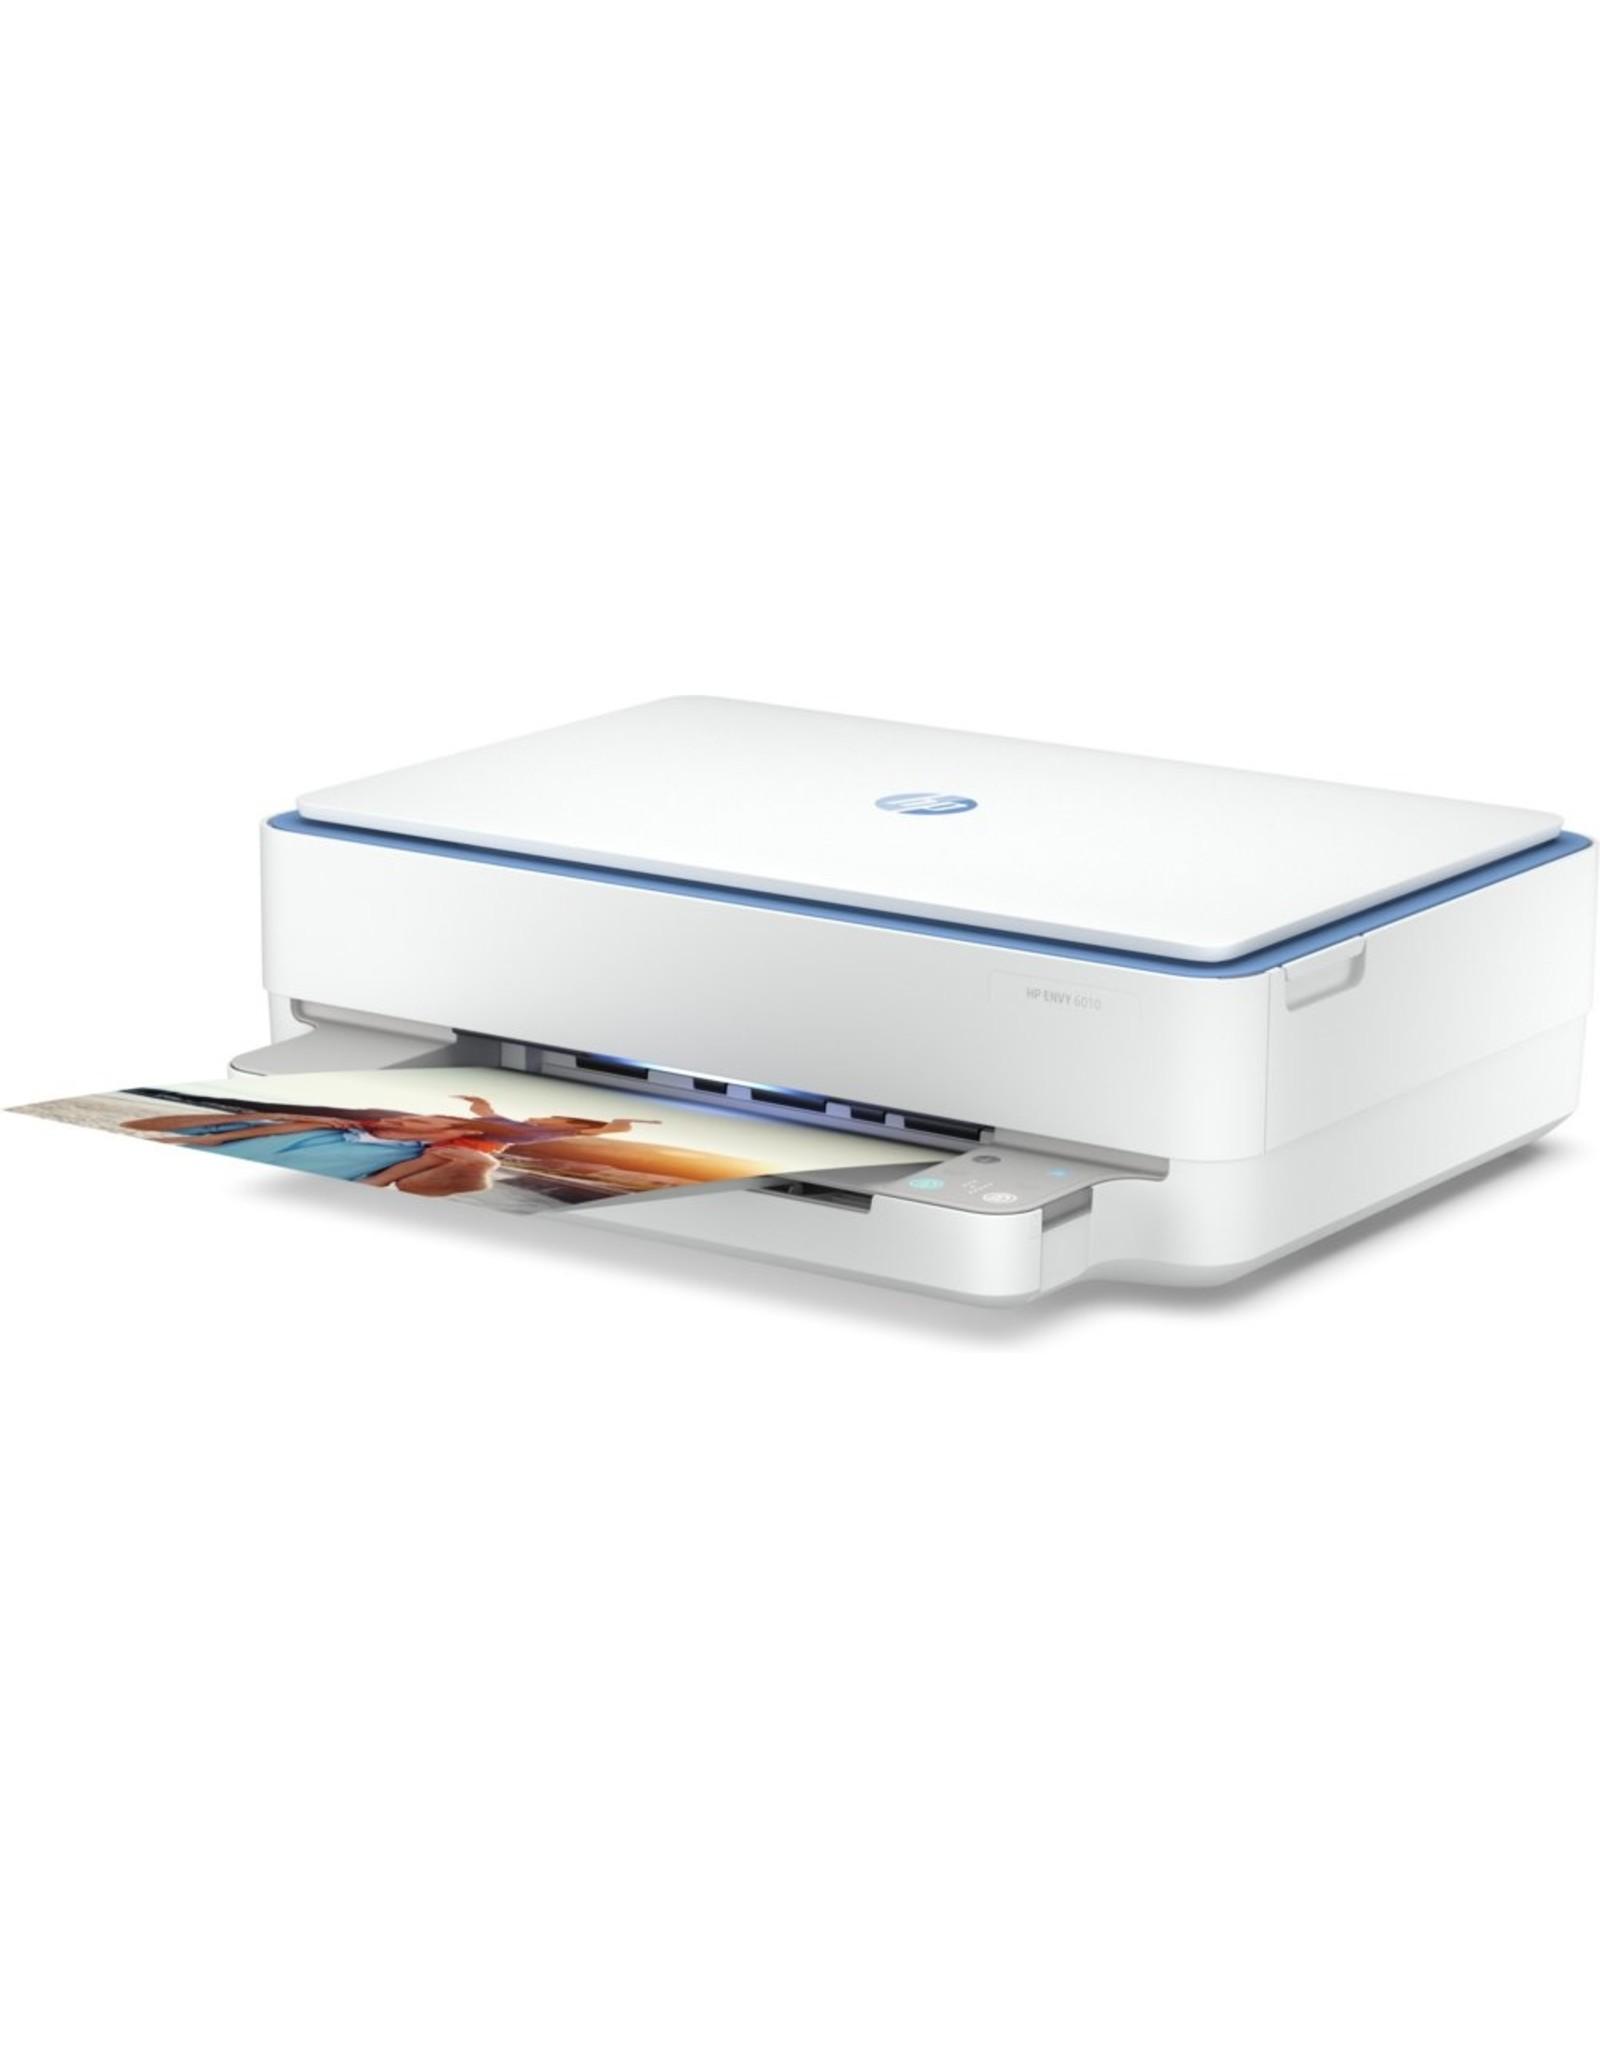 Hewlett Packard HP Envy 6010 AiO / Color / WiFi